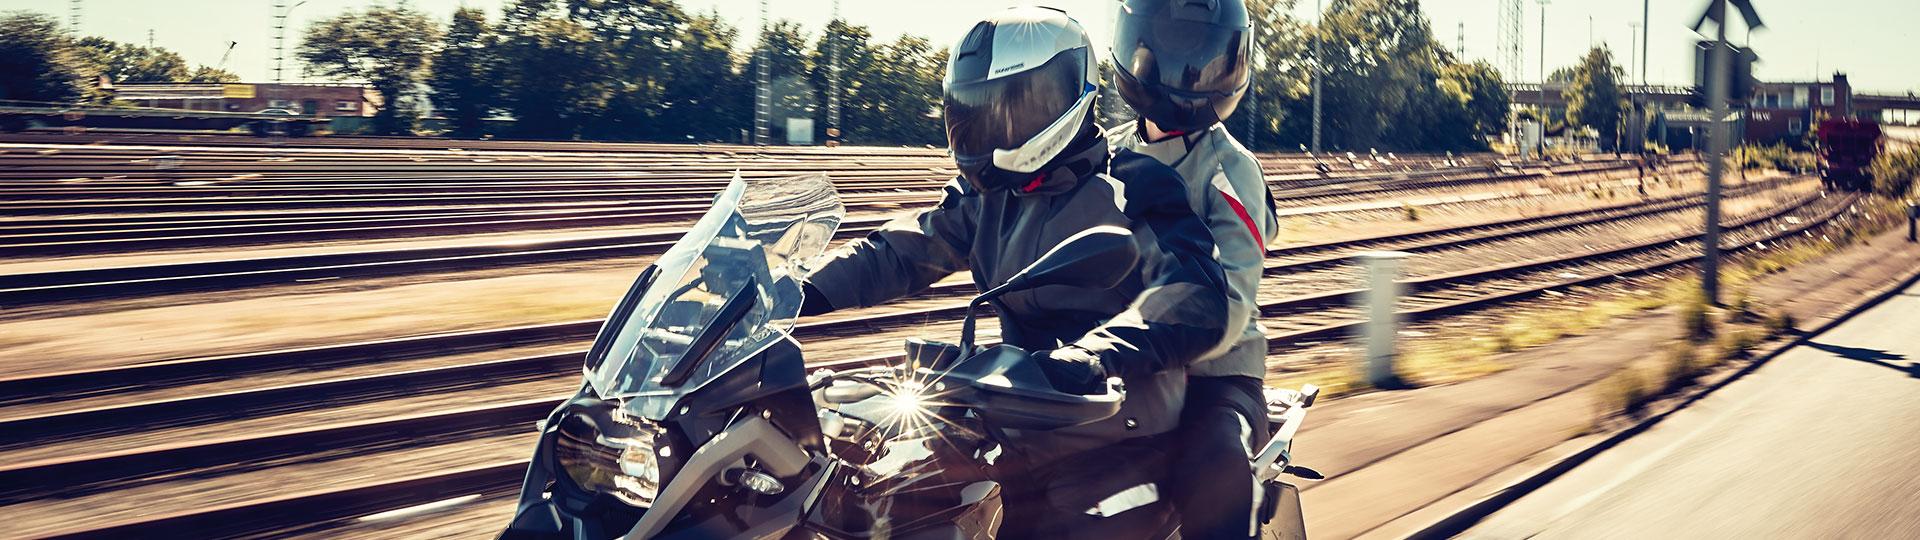 BMW Motorrad Schutzbekleidung: Aktionsrabatt 15% bei teilnehmenden BMW Partnern